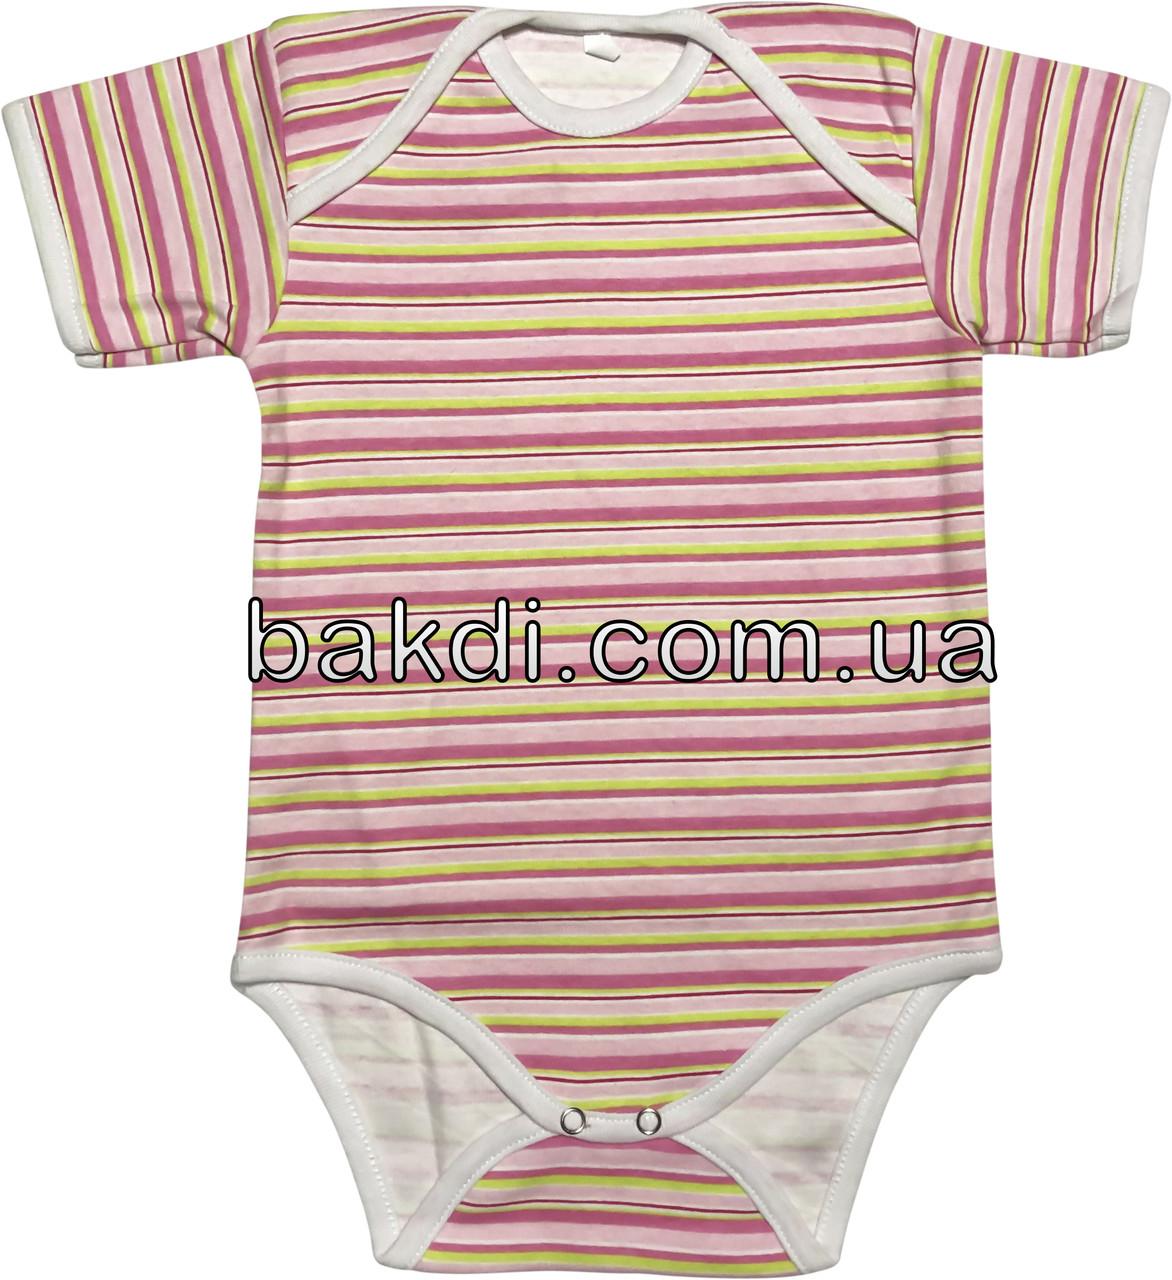 Дитяче літнє тонке боді ріст 86 1-1,5 року інтерлок рожевий в смужку на дівчинку бодік з коротким рукавом